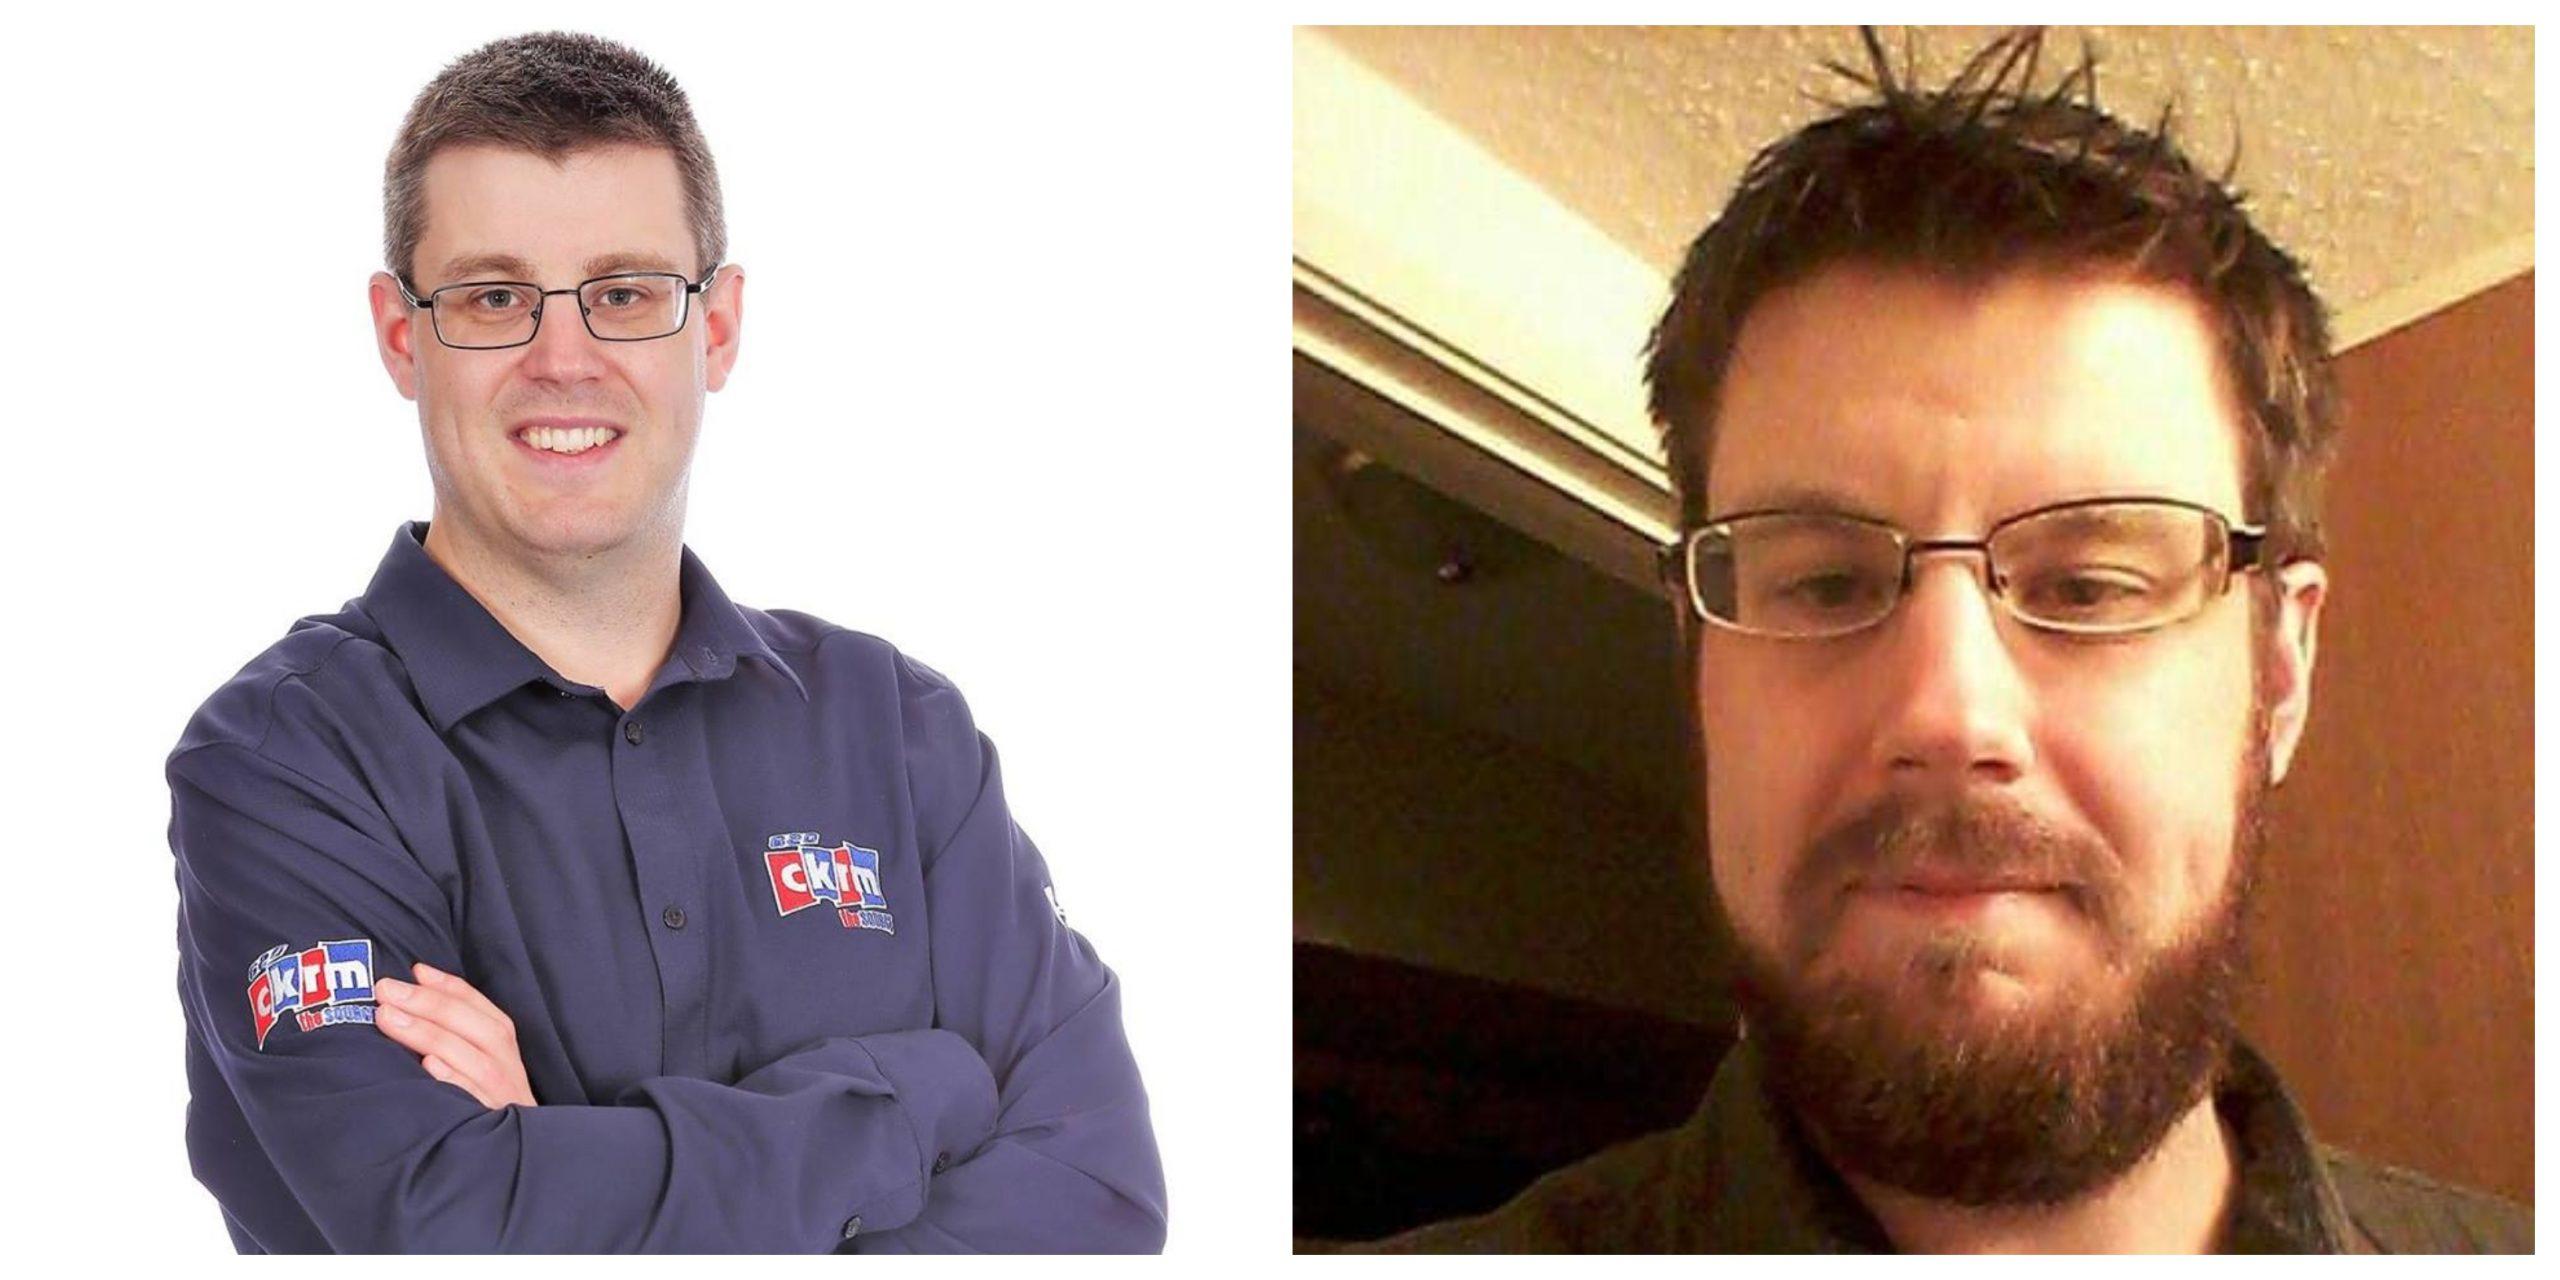 To Grow a Beard or Not?